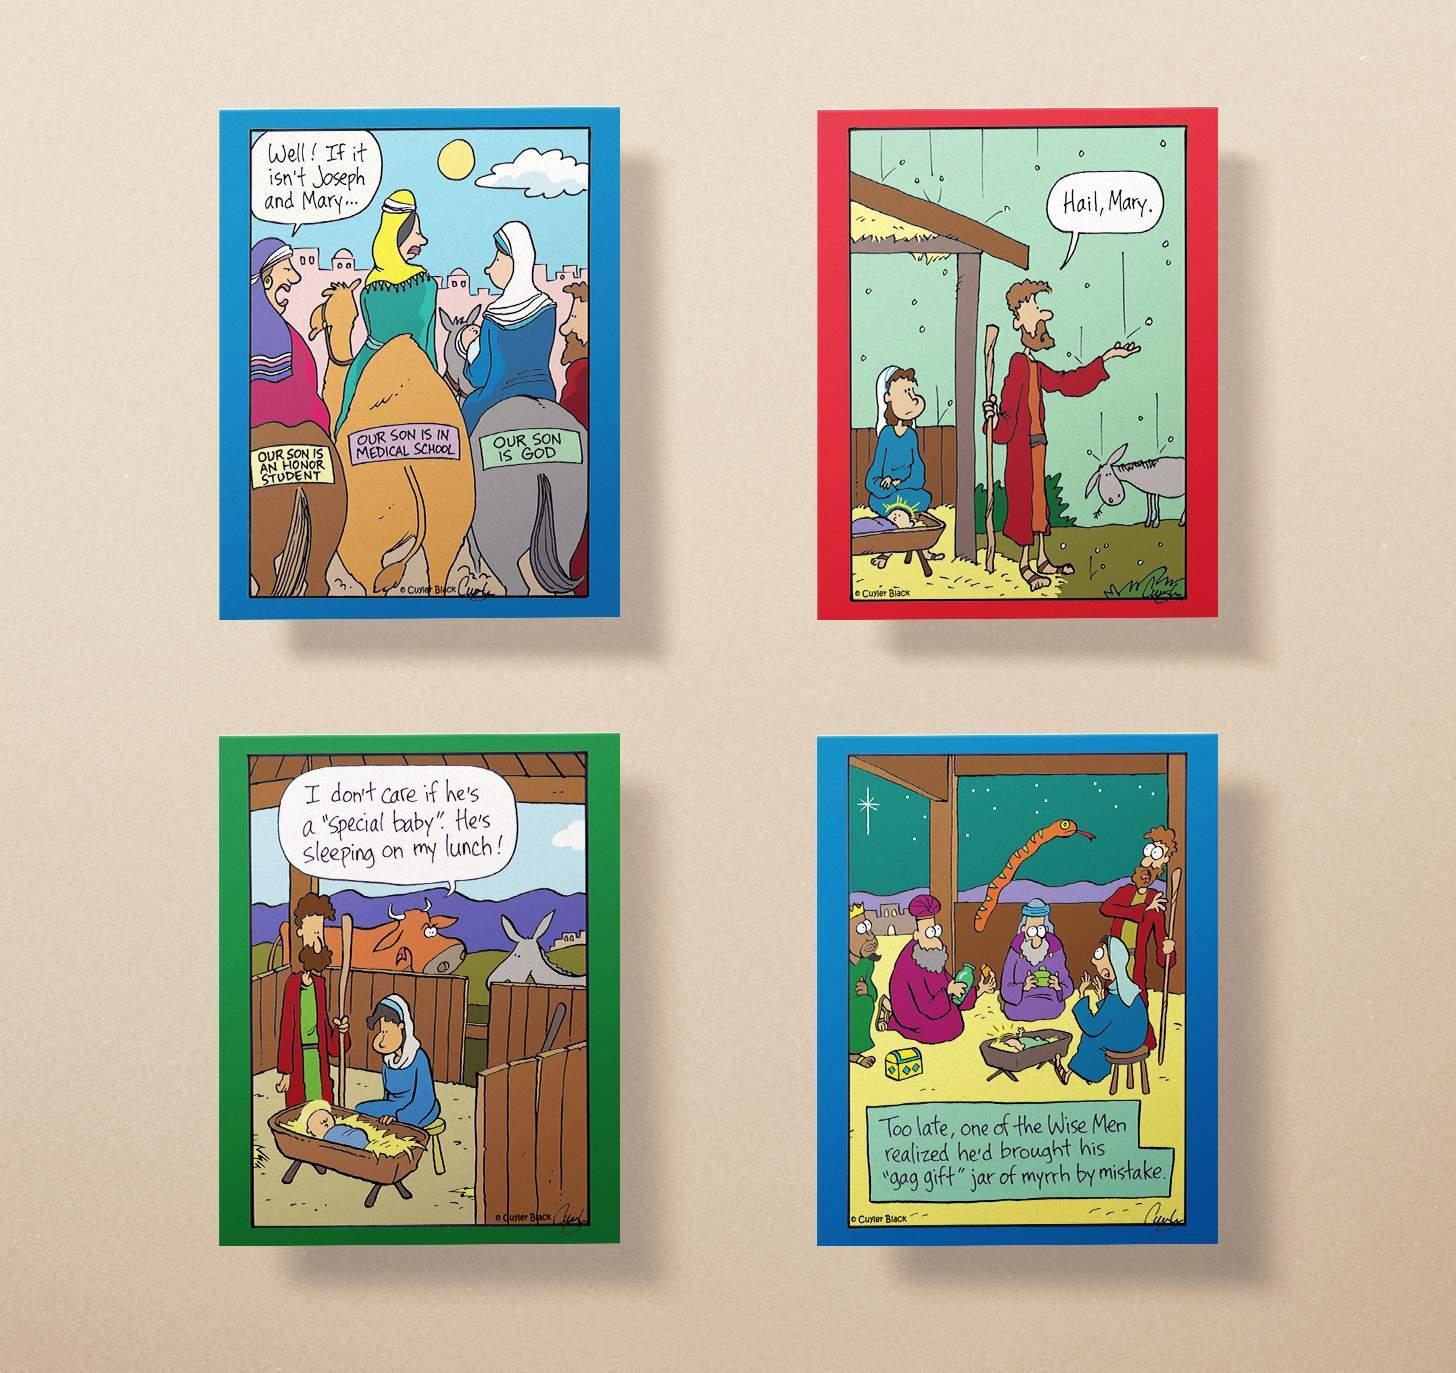 Four assorted funny religious Christmas cards